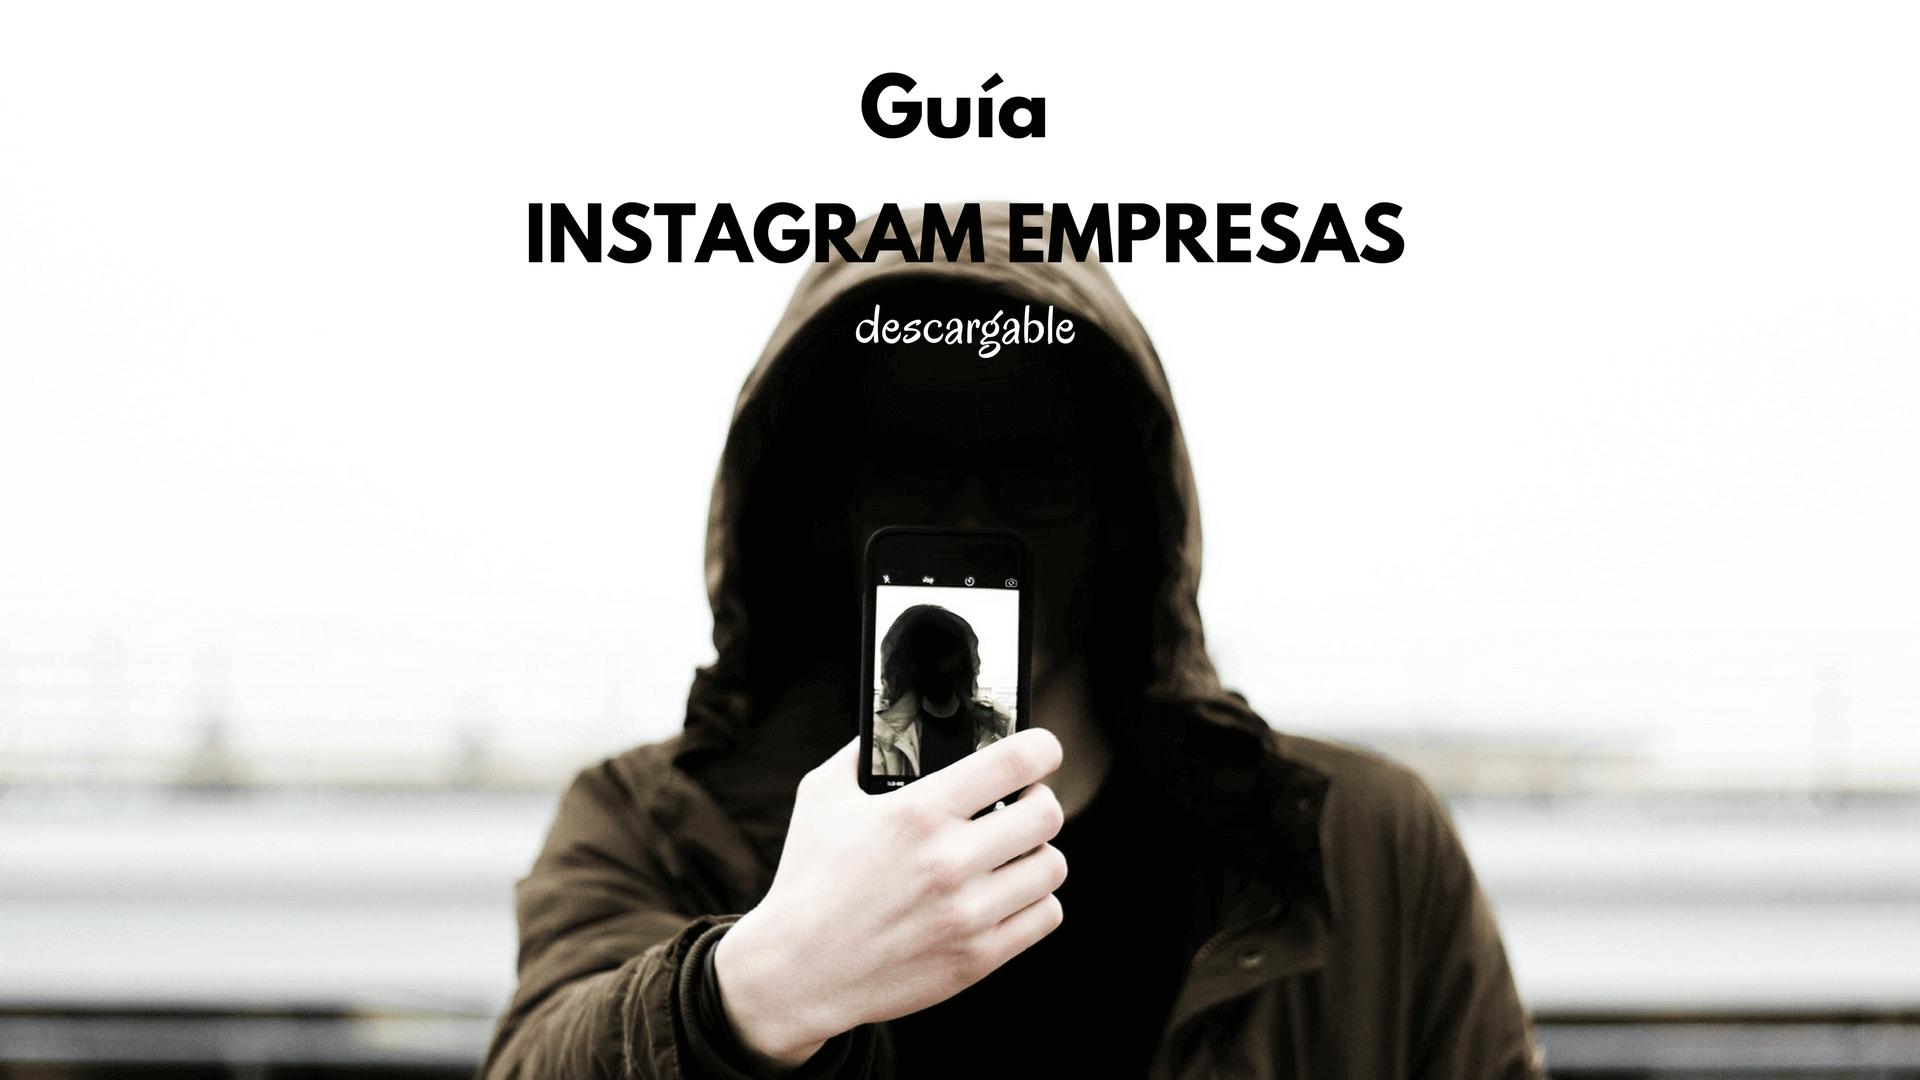 Instagram empresas: cómo utilizar Instagram para tu empresa